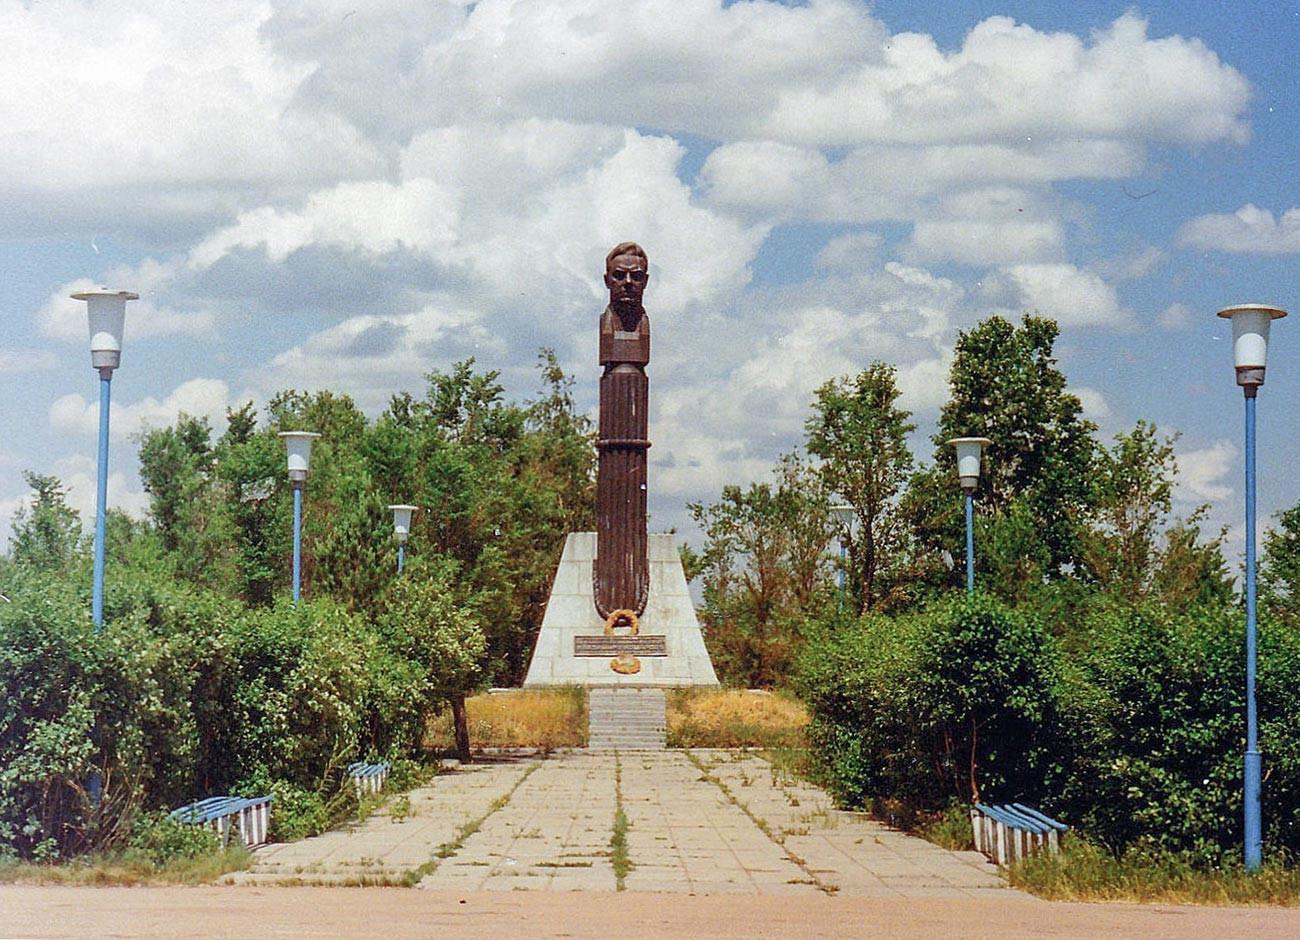 Il monumento eretto in memoria di Vladimir Komarov